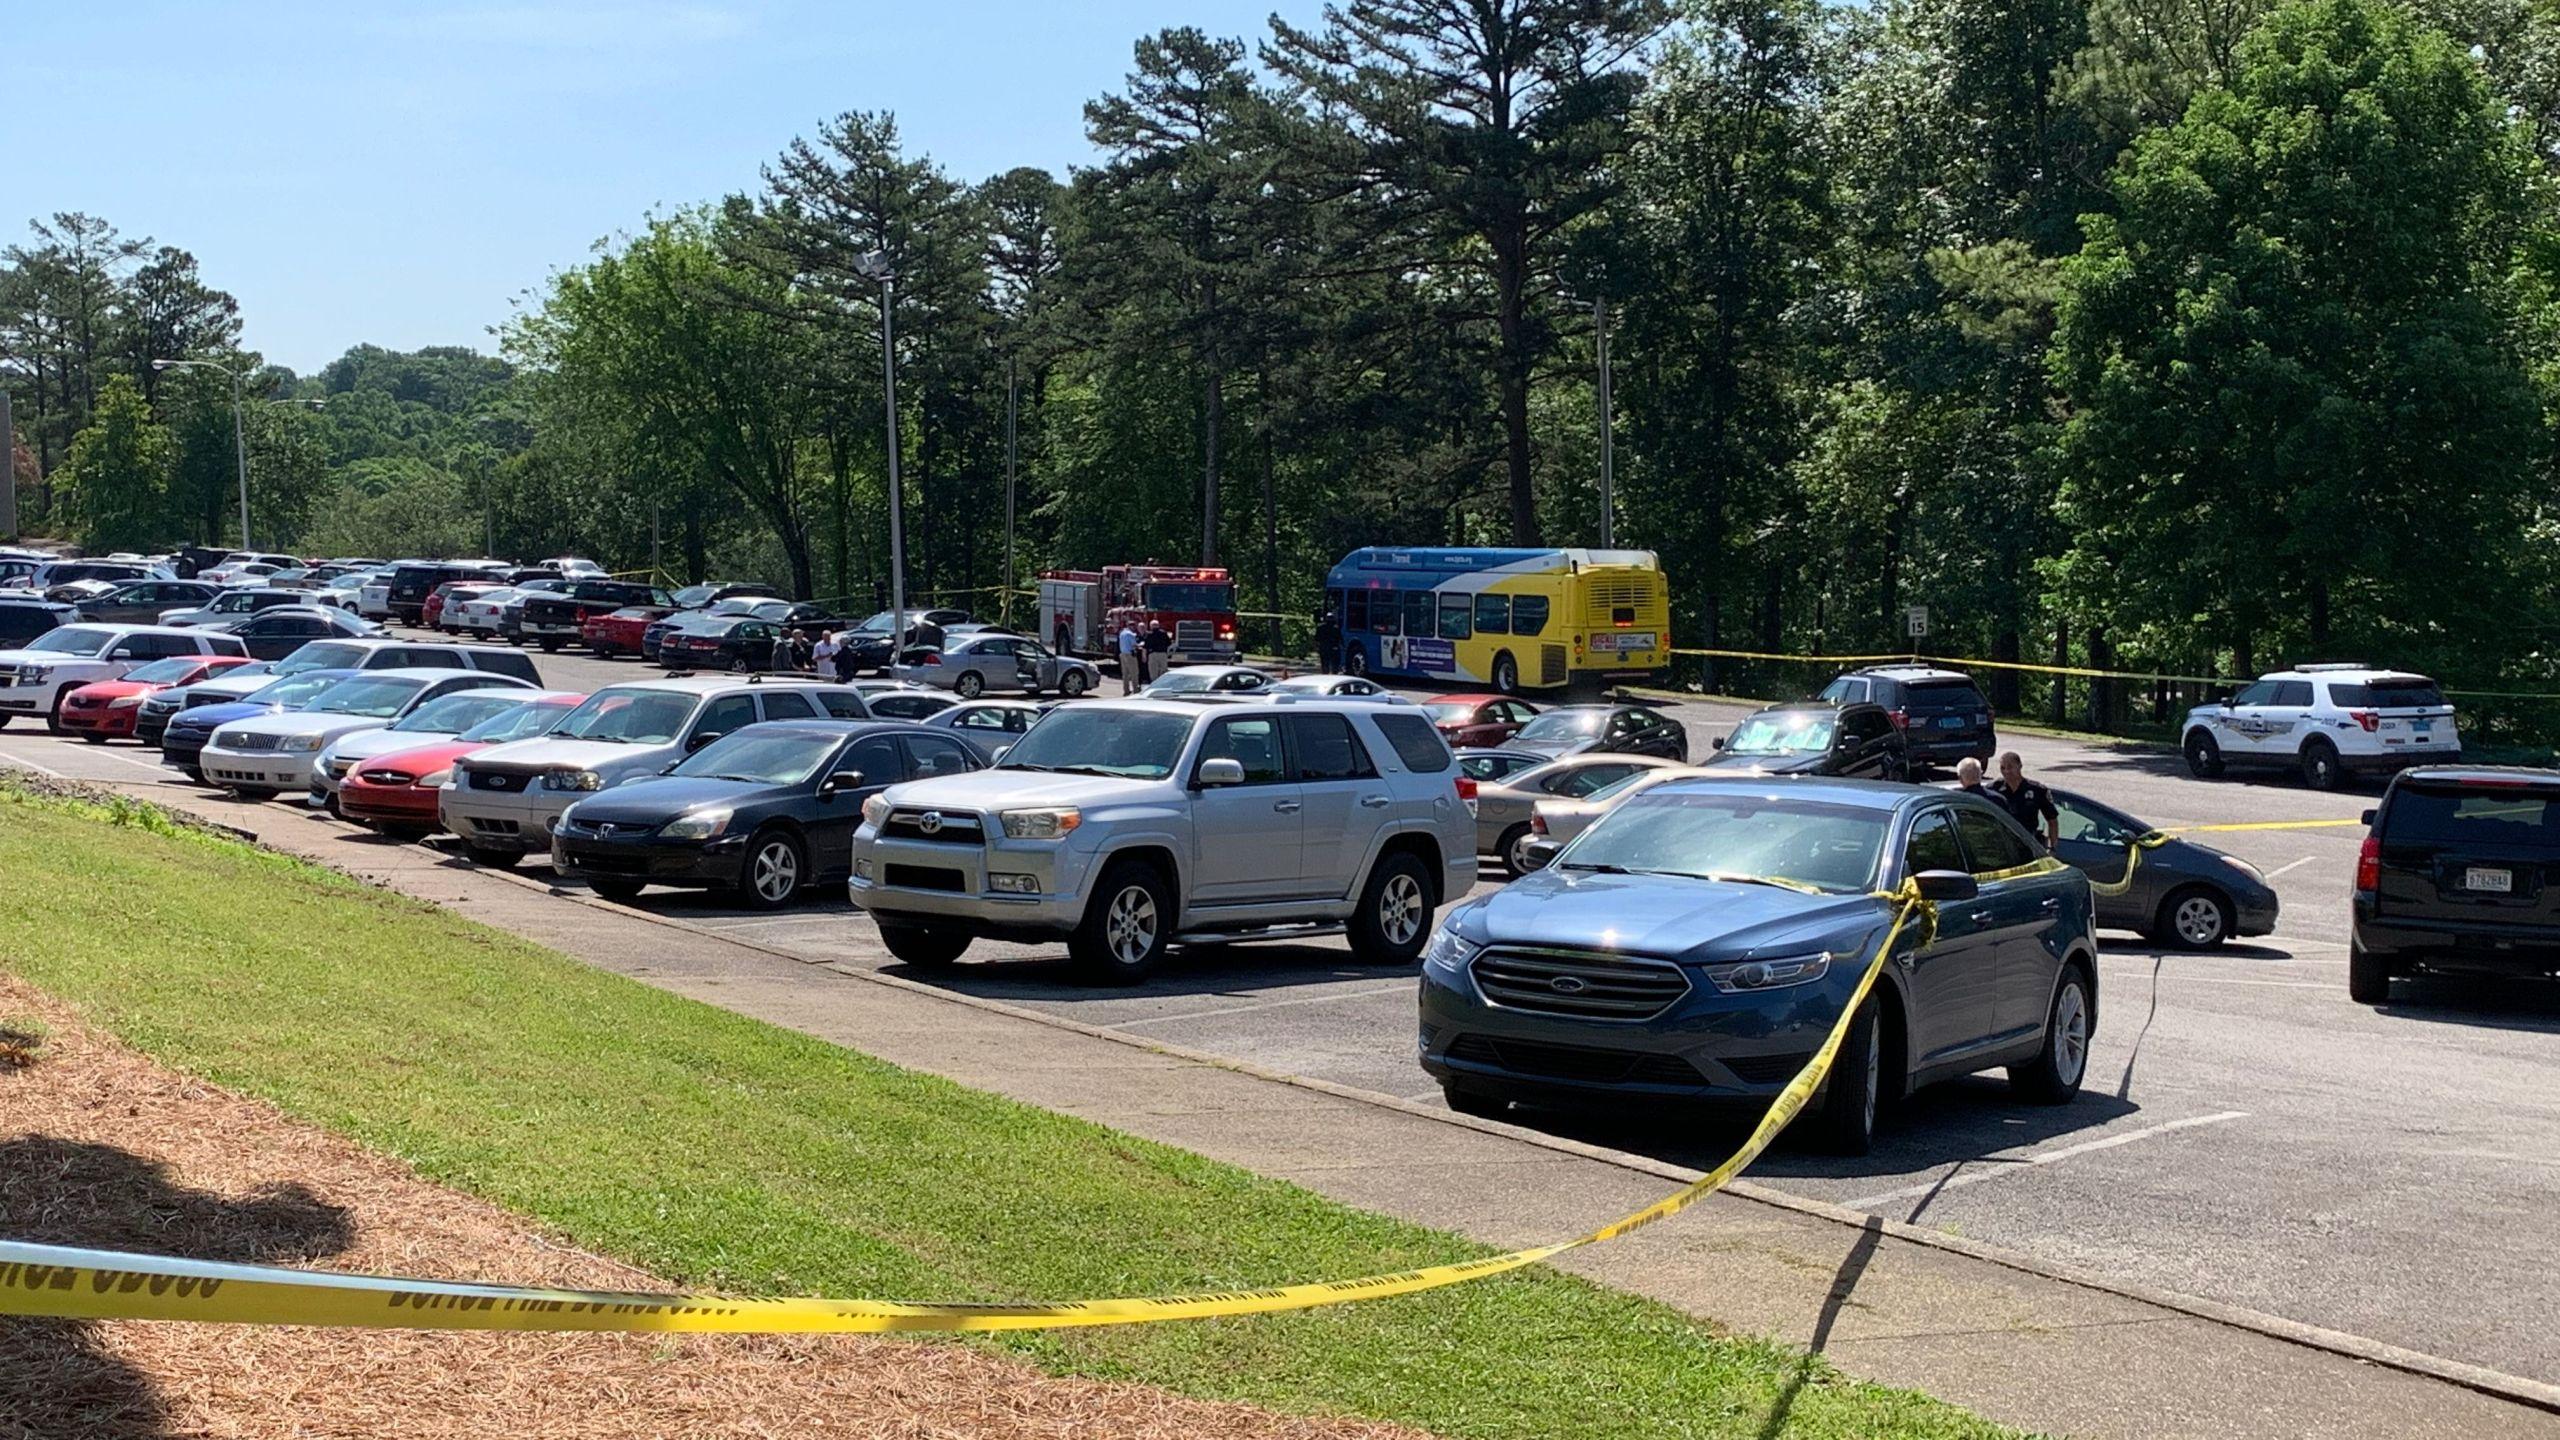 Jefferson State Community College scene